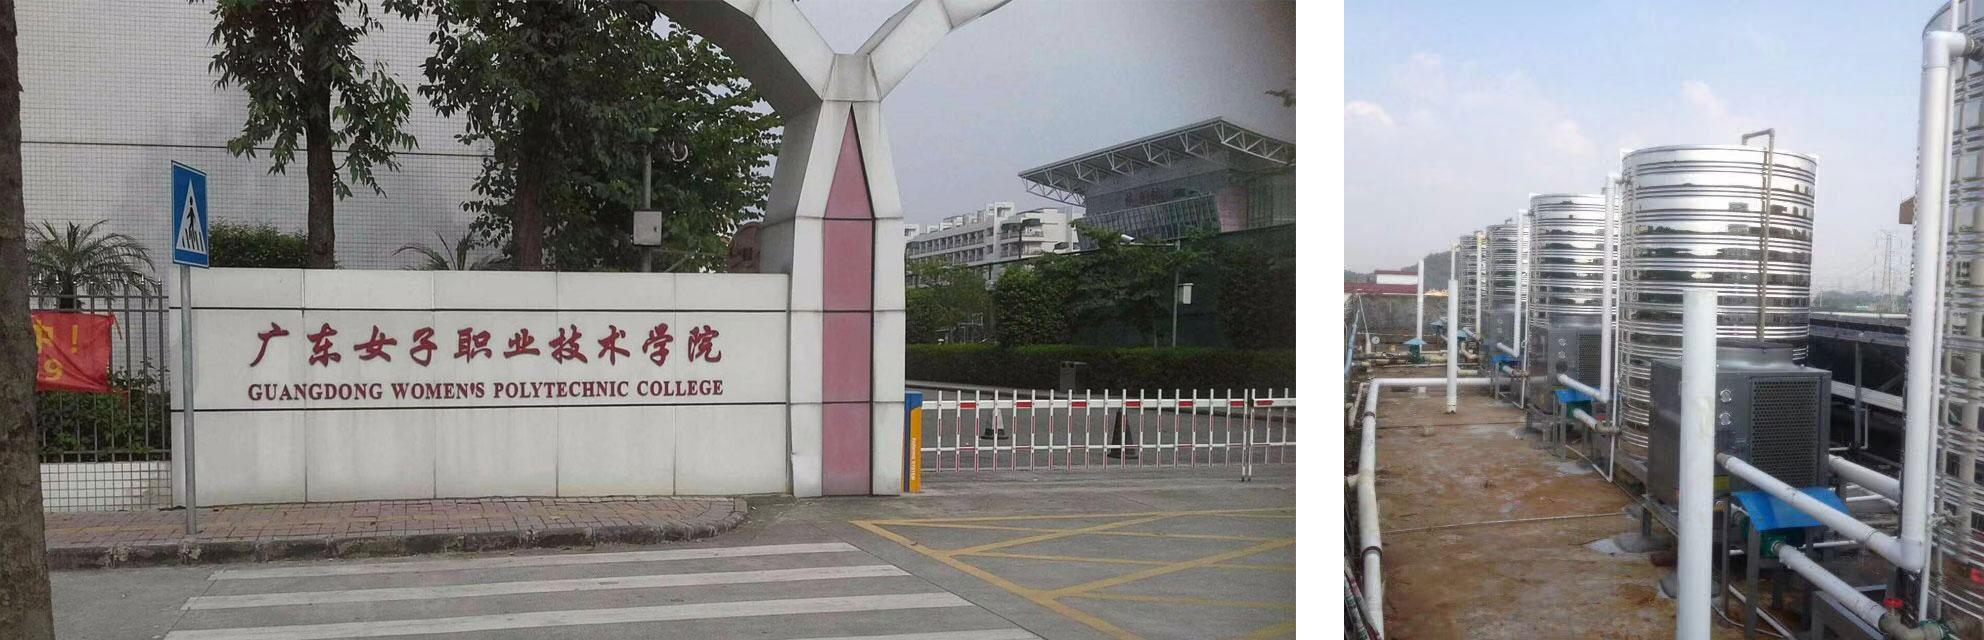 廣東女子職業技術學院